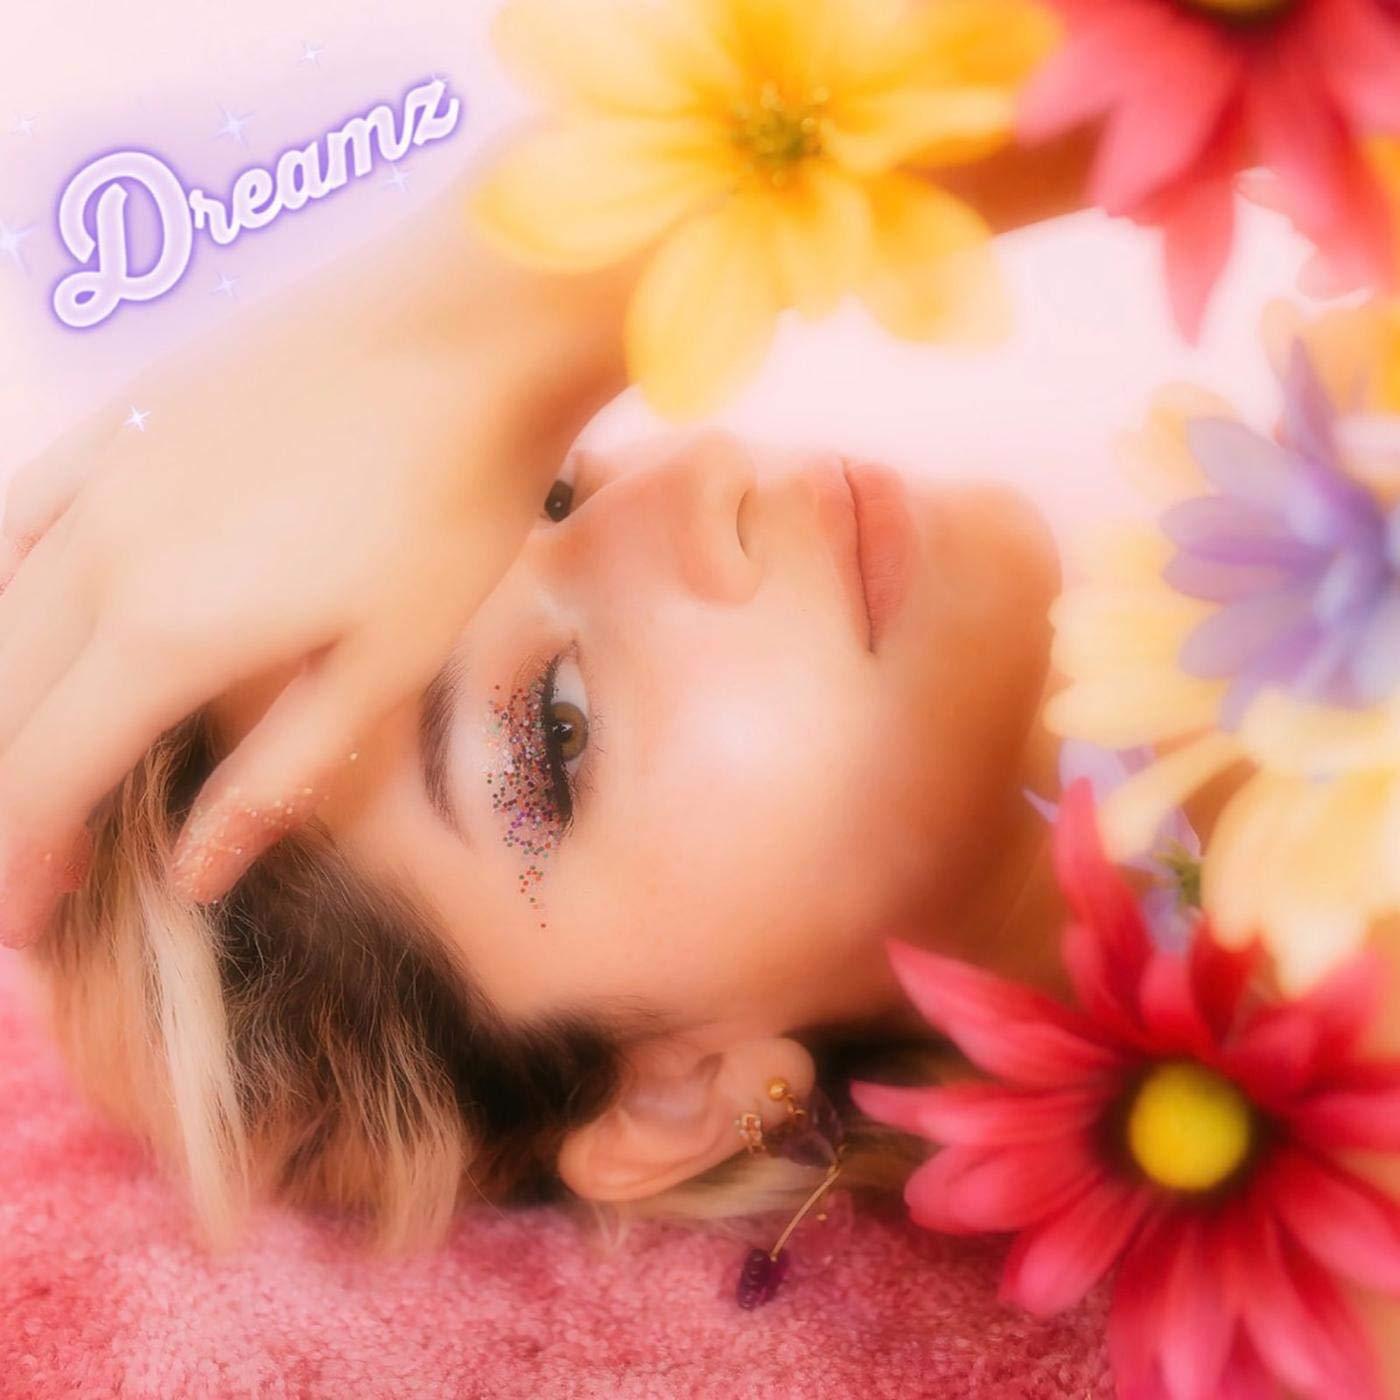 Cassette : Sara King - Dreamz (Cassette)